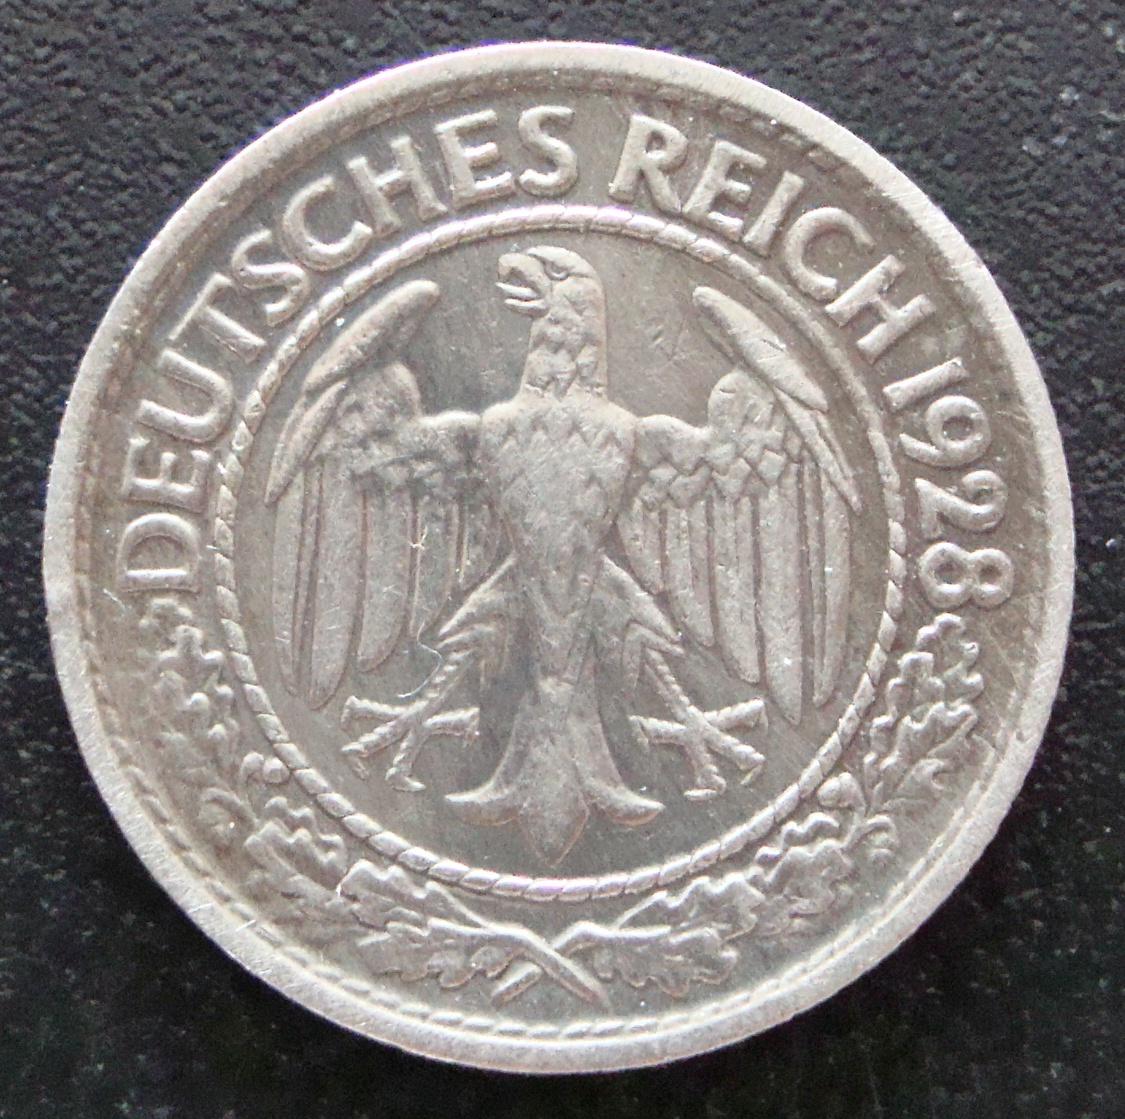 50 Reichspfennig. Alemania (1928) ALE_50_Reichspfennig_1928_anv